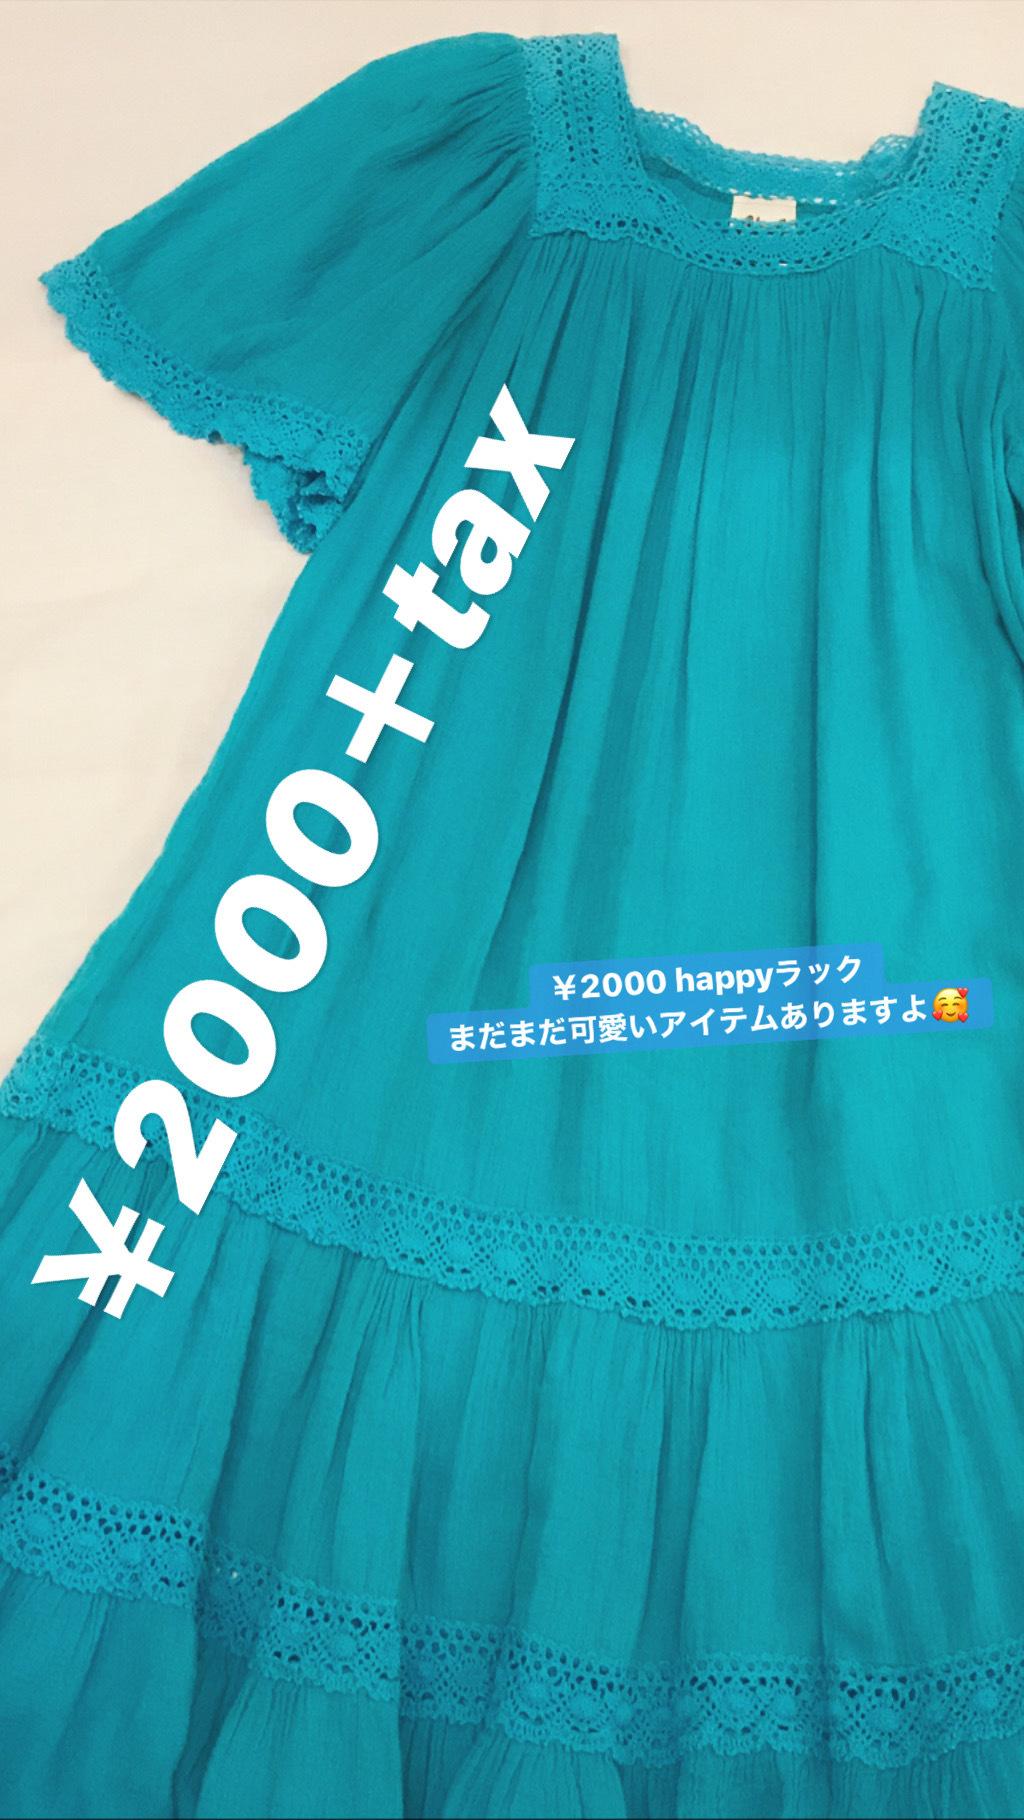 2000円happyラック🤞floor_d0090714_17324383.jpeg